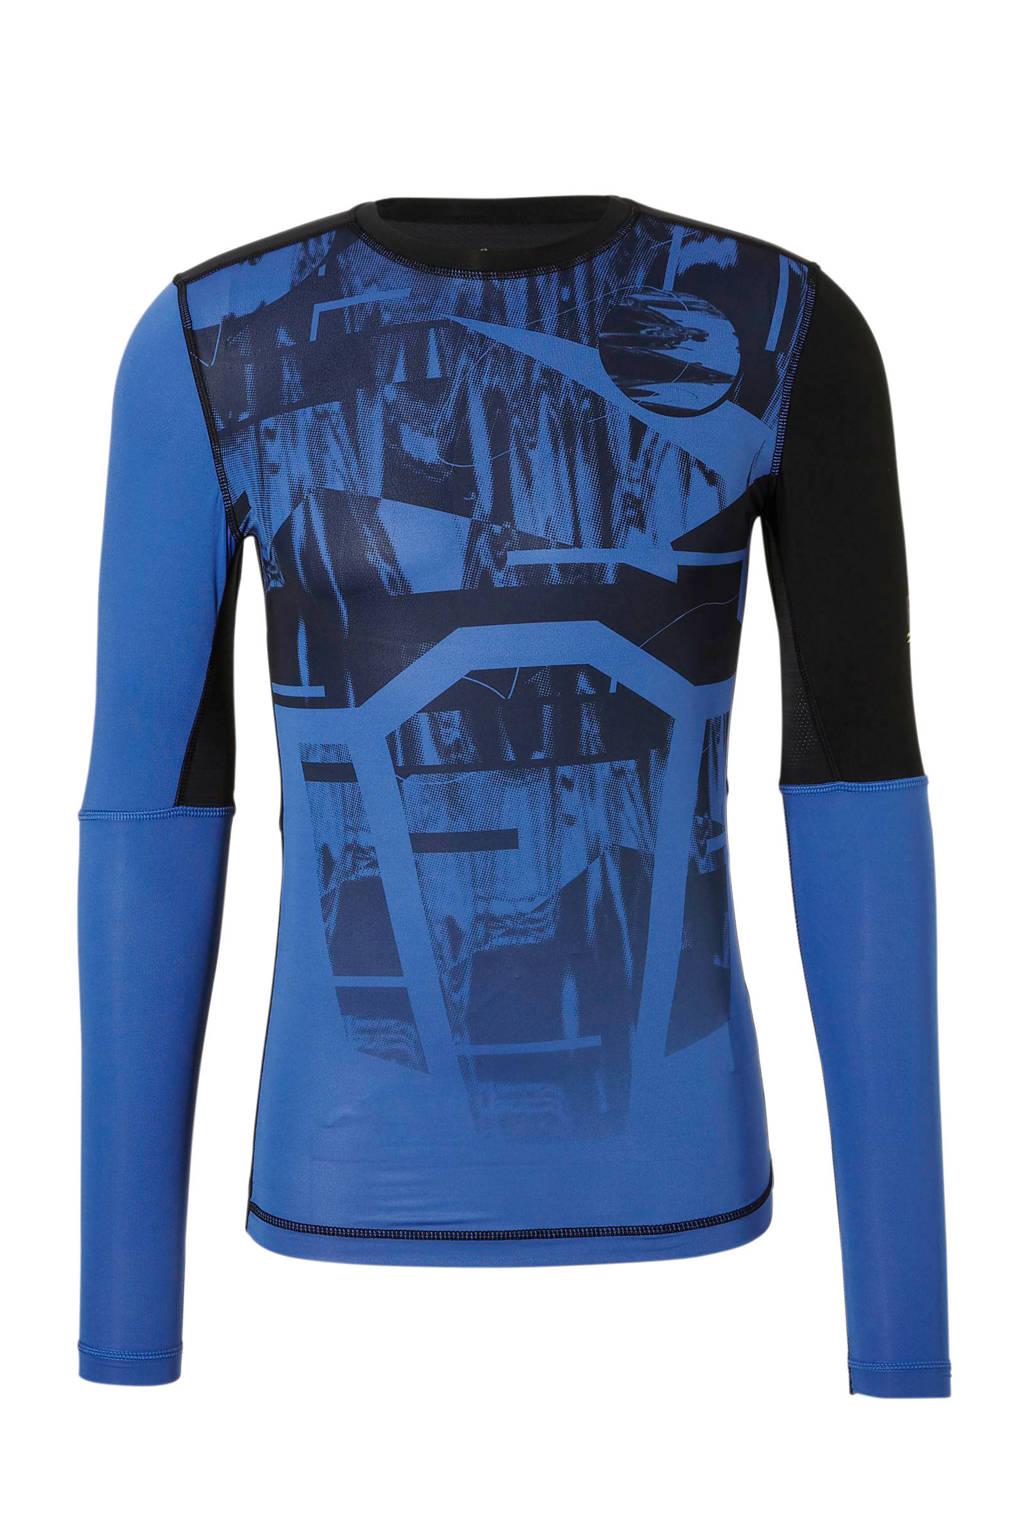 Reebok   sport T-shirt zwart/blauw, Zwart/blauw